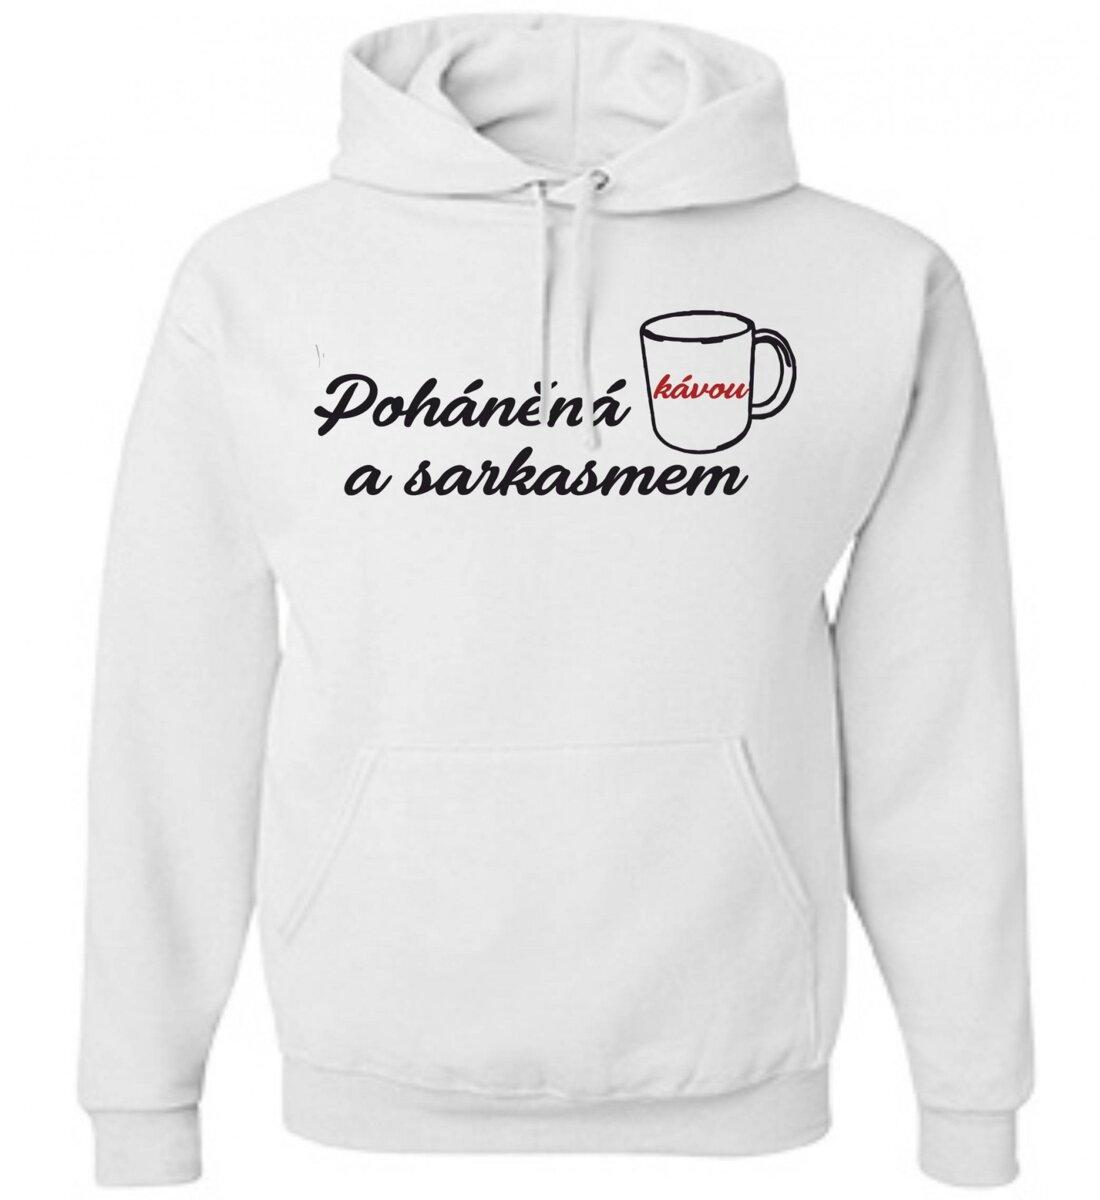 133be9015 Mikina-Poháněná kávou a sarkasmem ǀ Fajntričko.cz